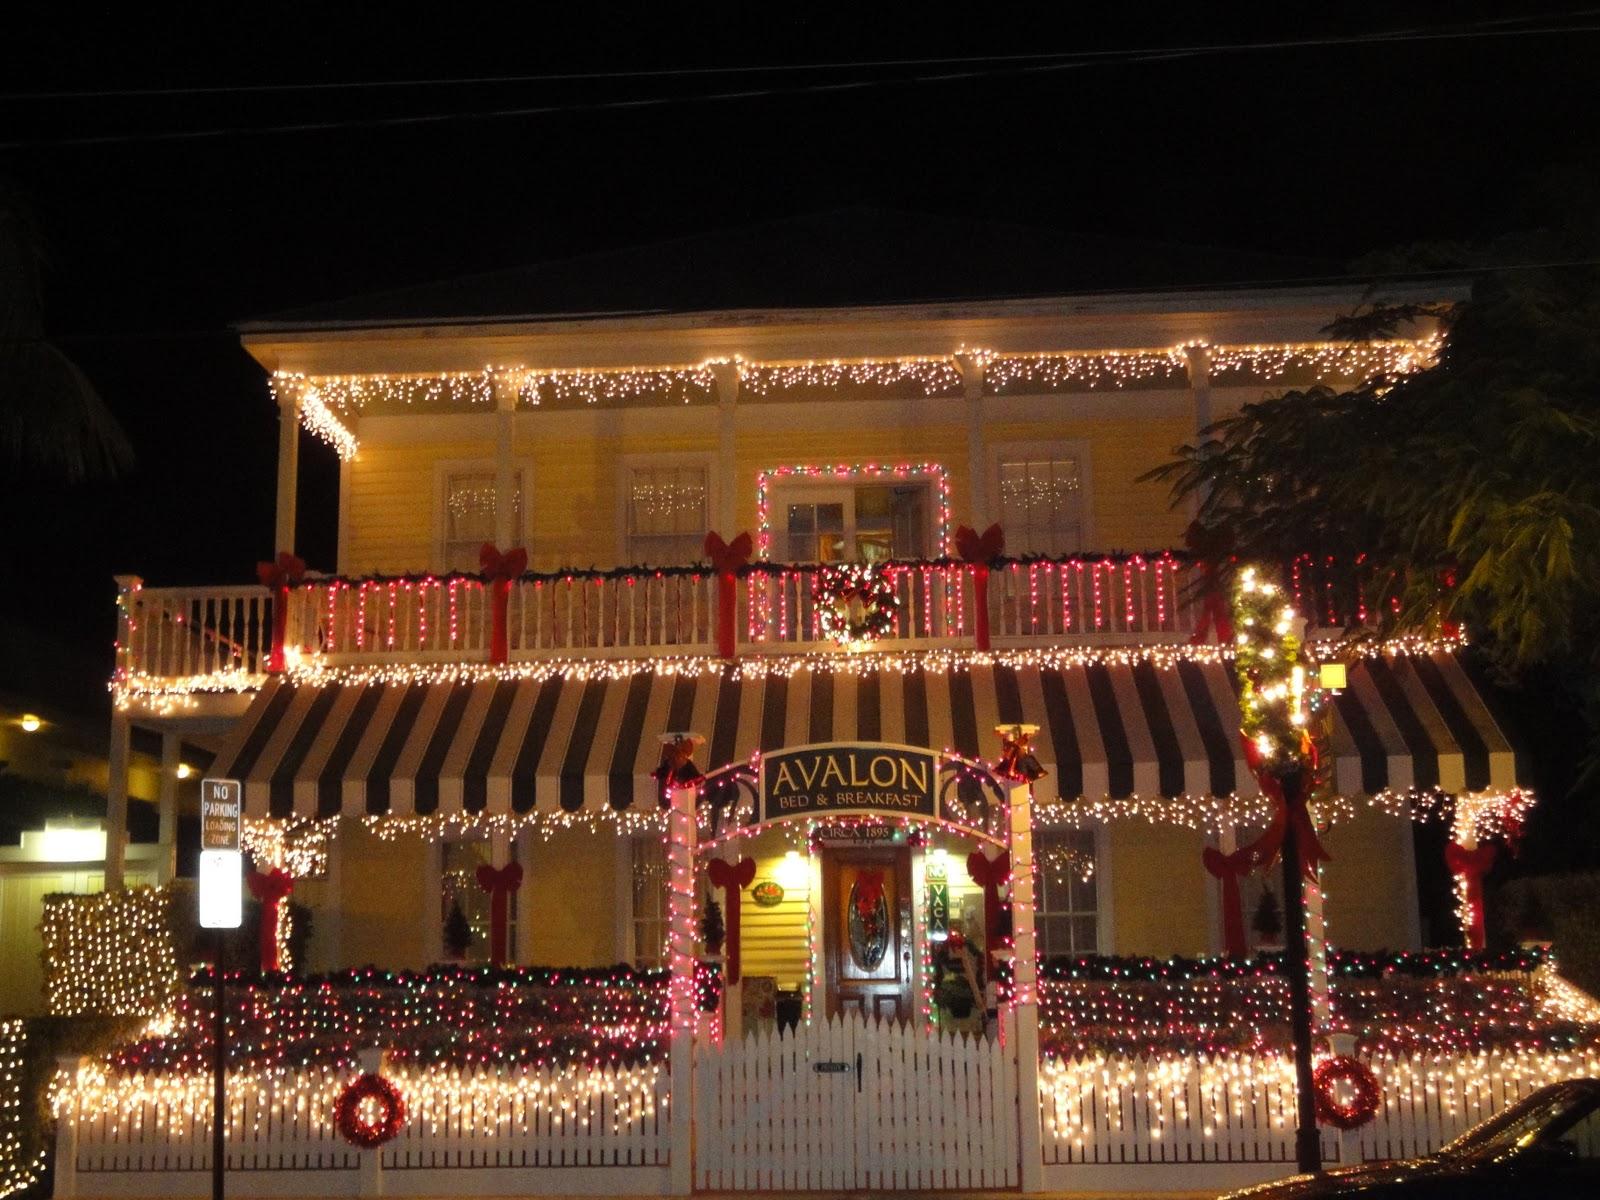 #B49317 Aux Etats Unis : Noël Dans Les Keys 5329 décorations de noel aux etats unis 1600x1200 px @ aertt.com